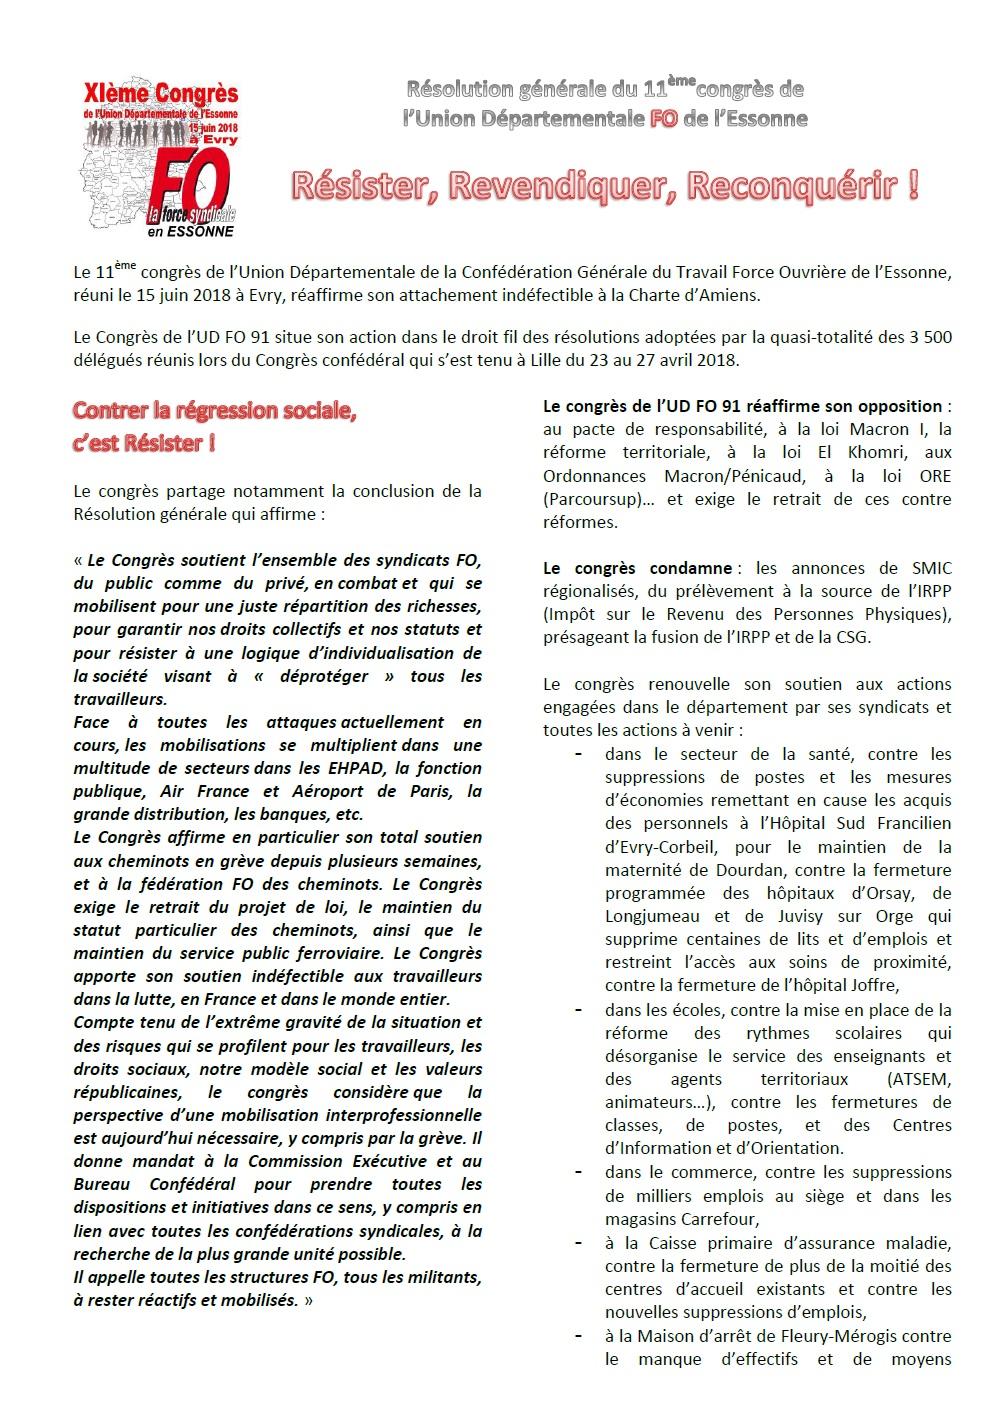 Image of XIème CONGRES UD FO 91